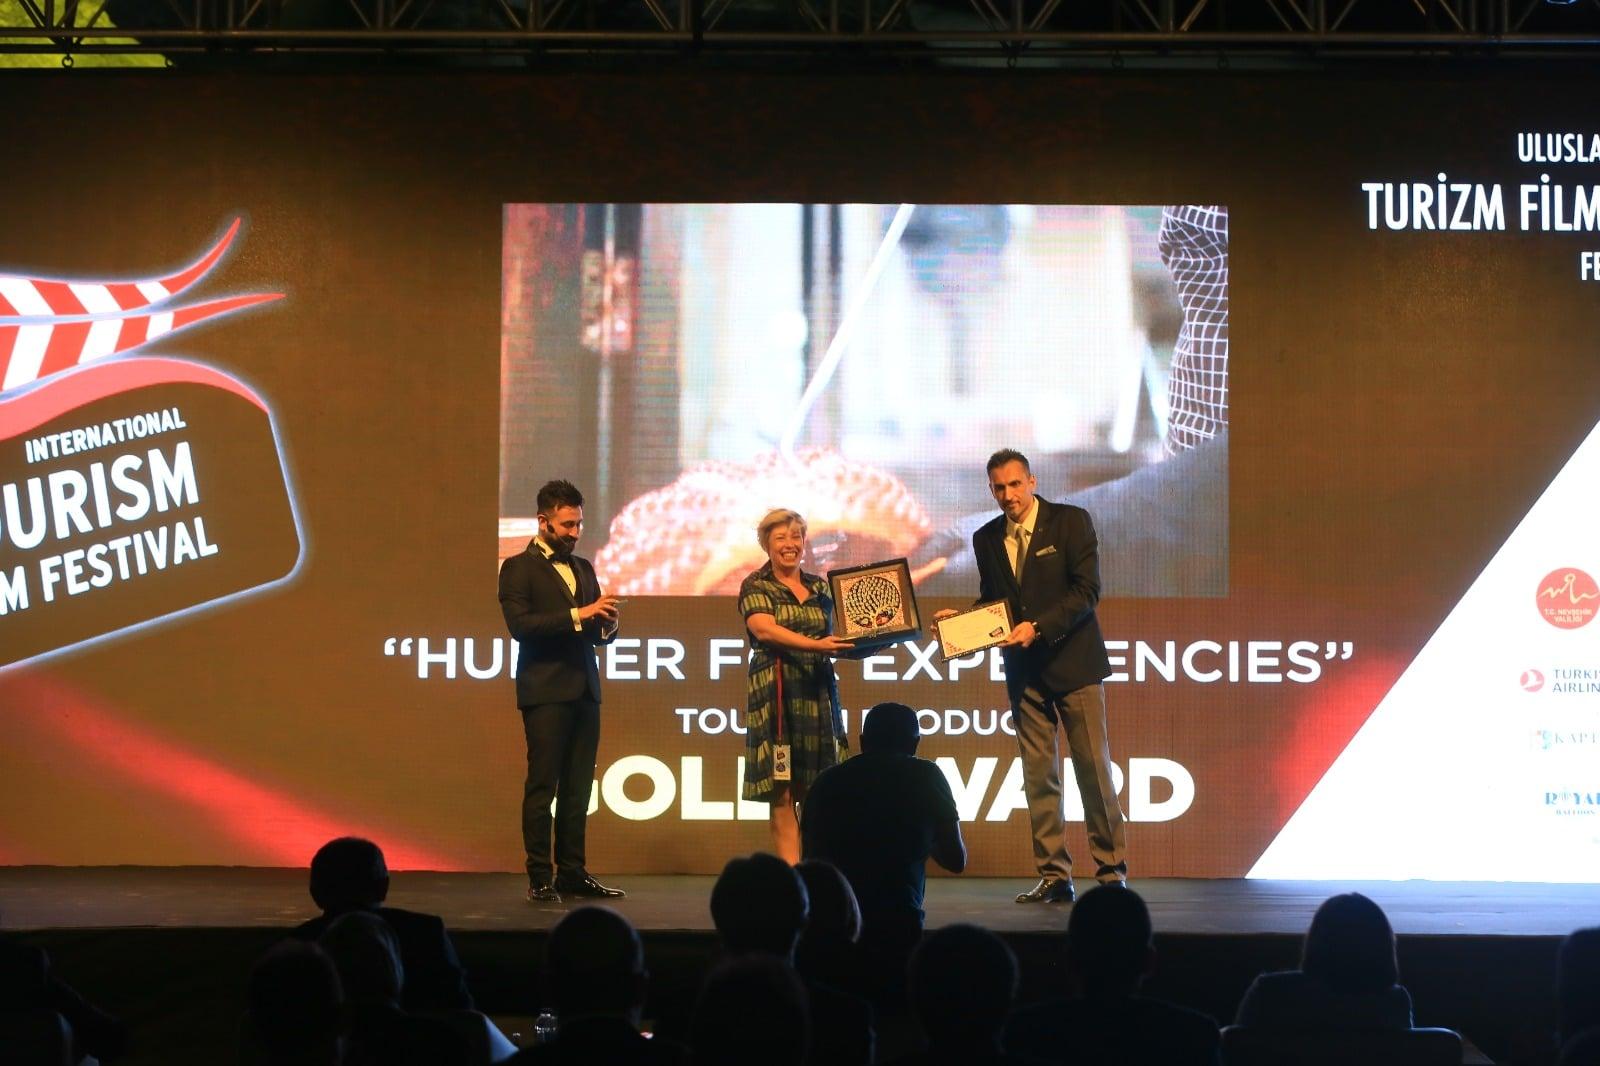 Premio de Oro al Mejor Producto Turístico en el Uluslararası Turizm Filmleri Festivali 5